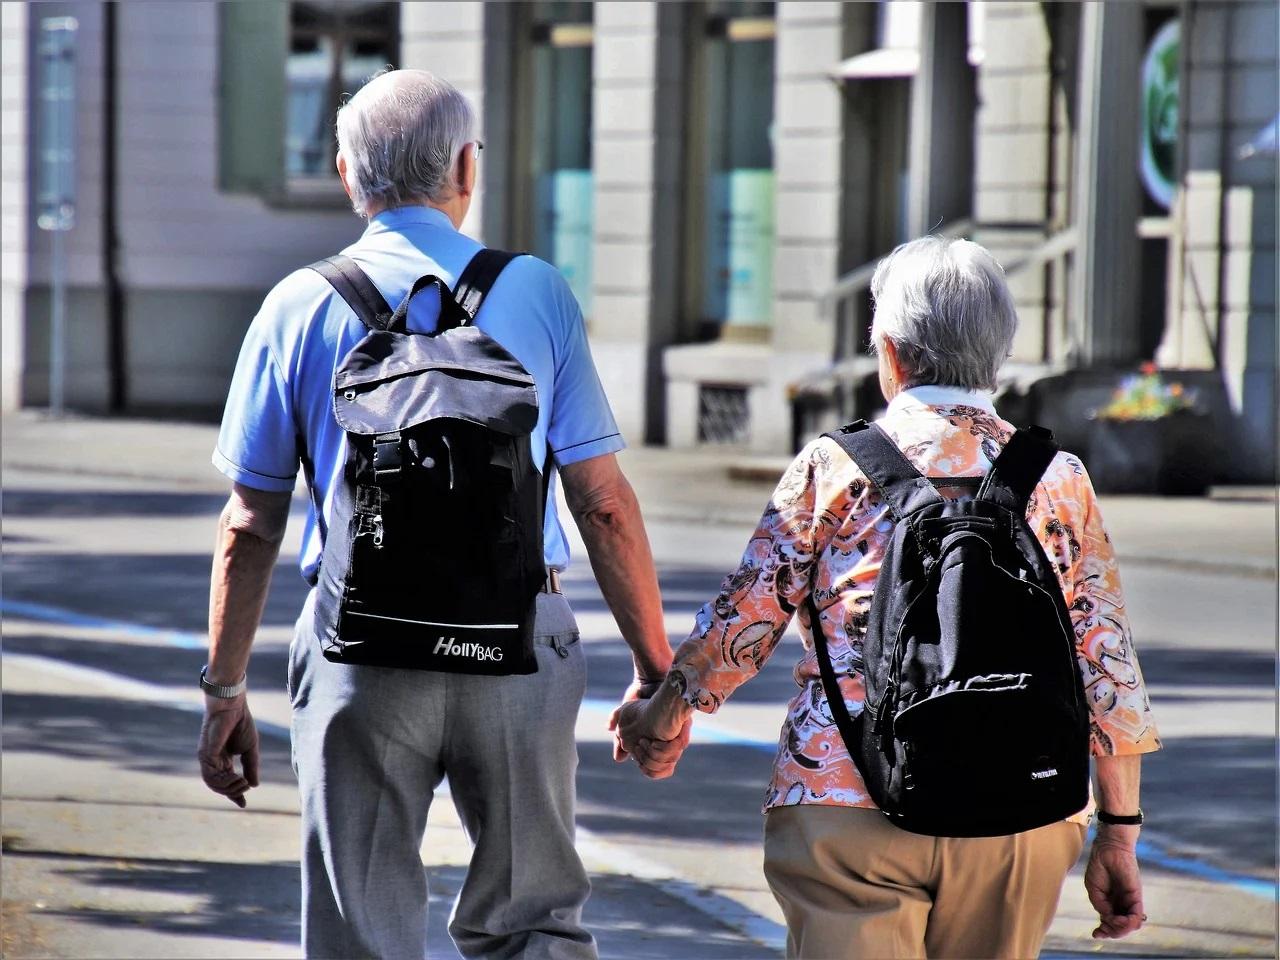 miłość w podeszłym wieku